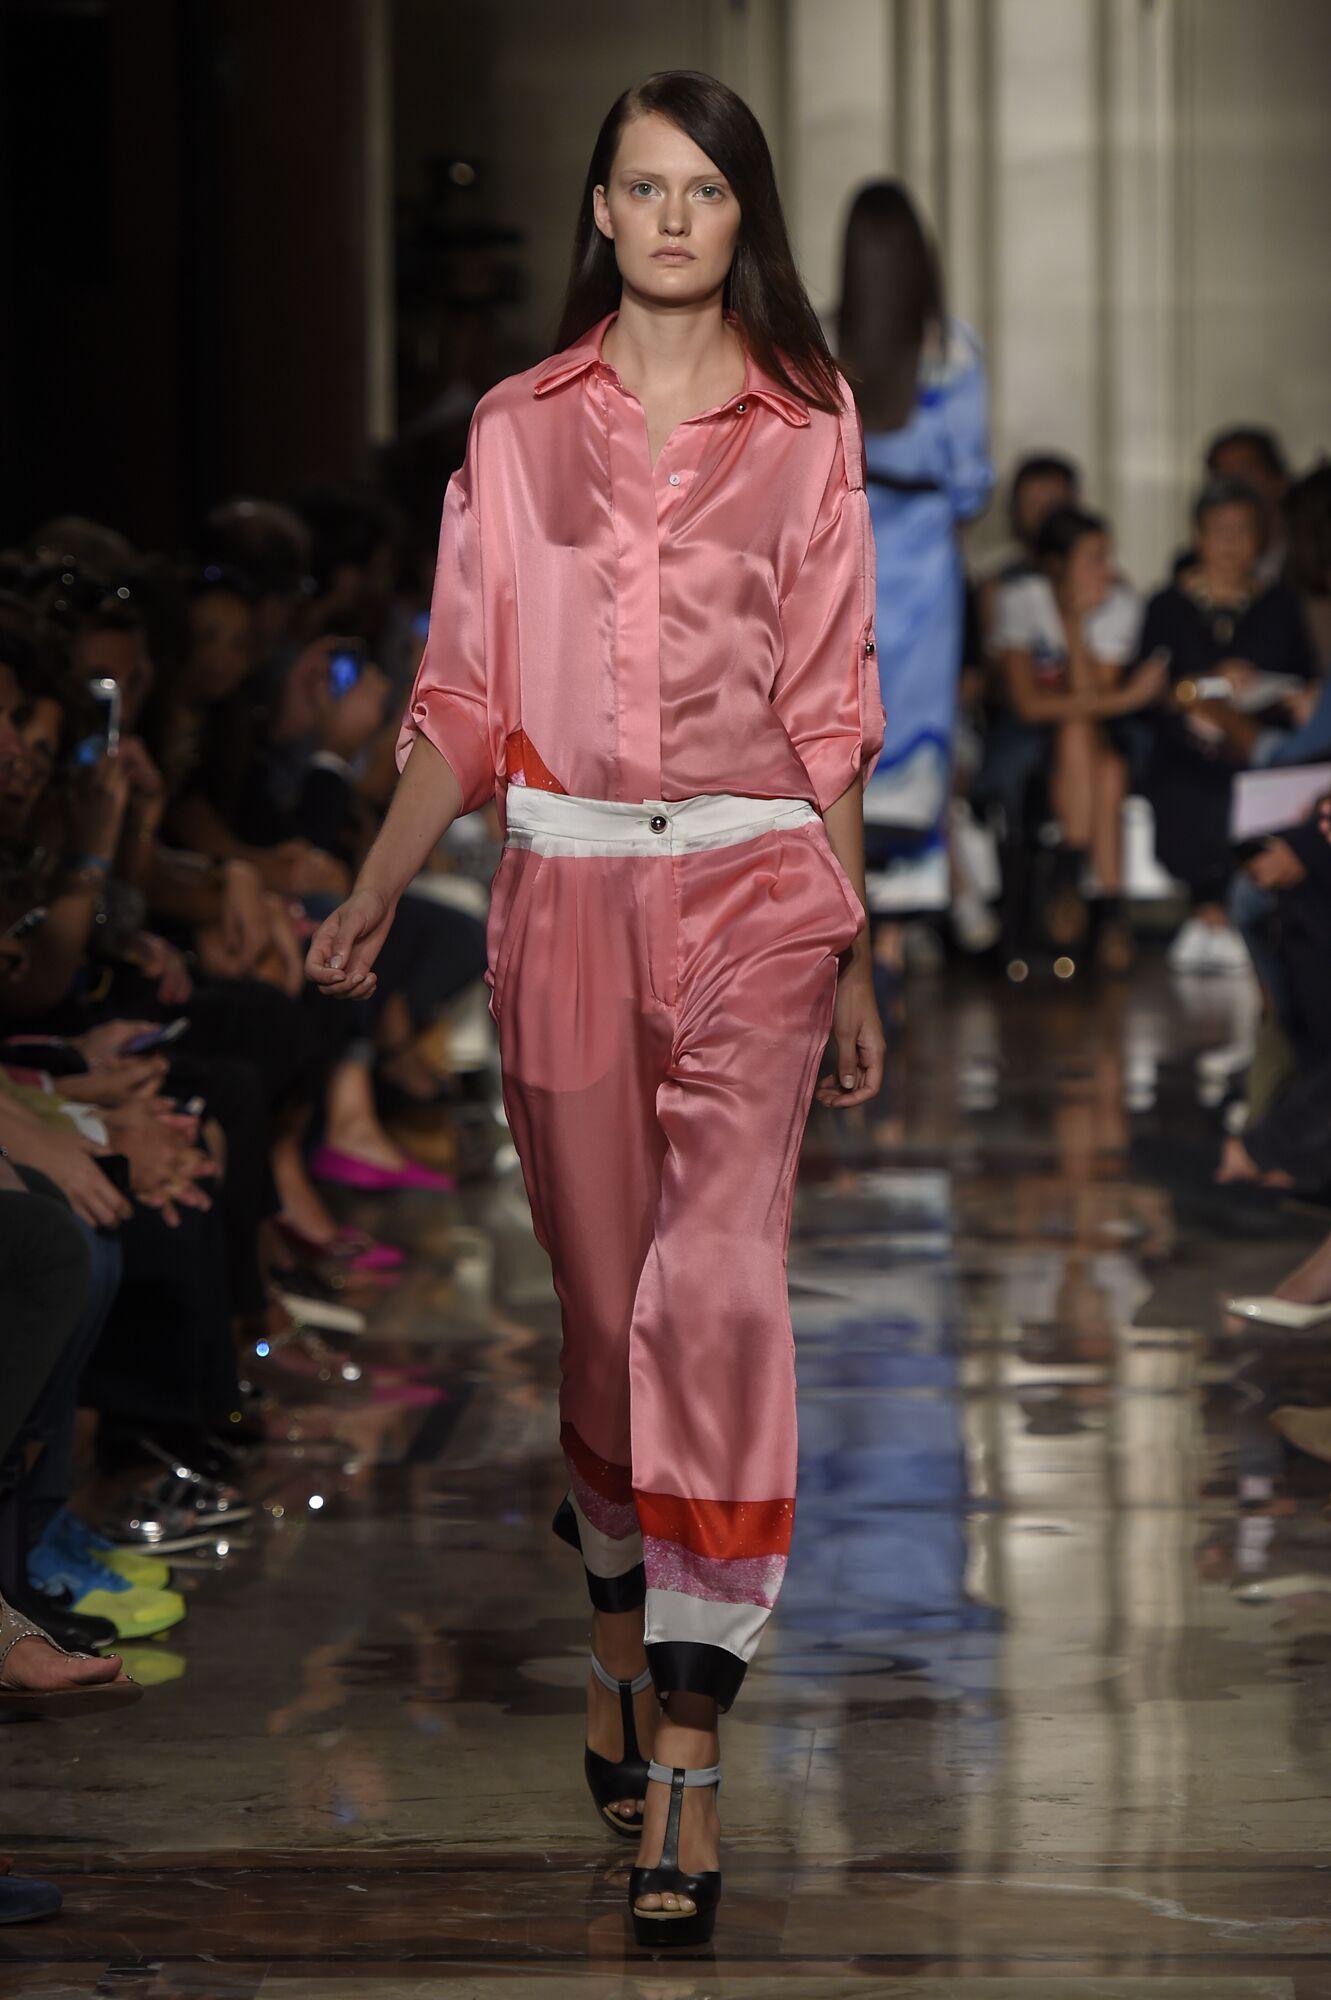 Fashion Woman Model Andrea Incontri Catwalk